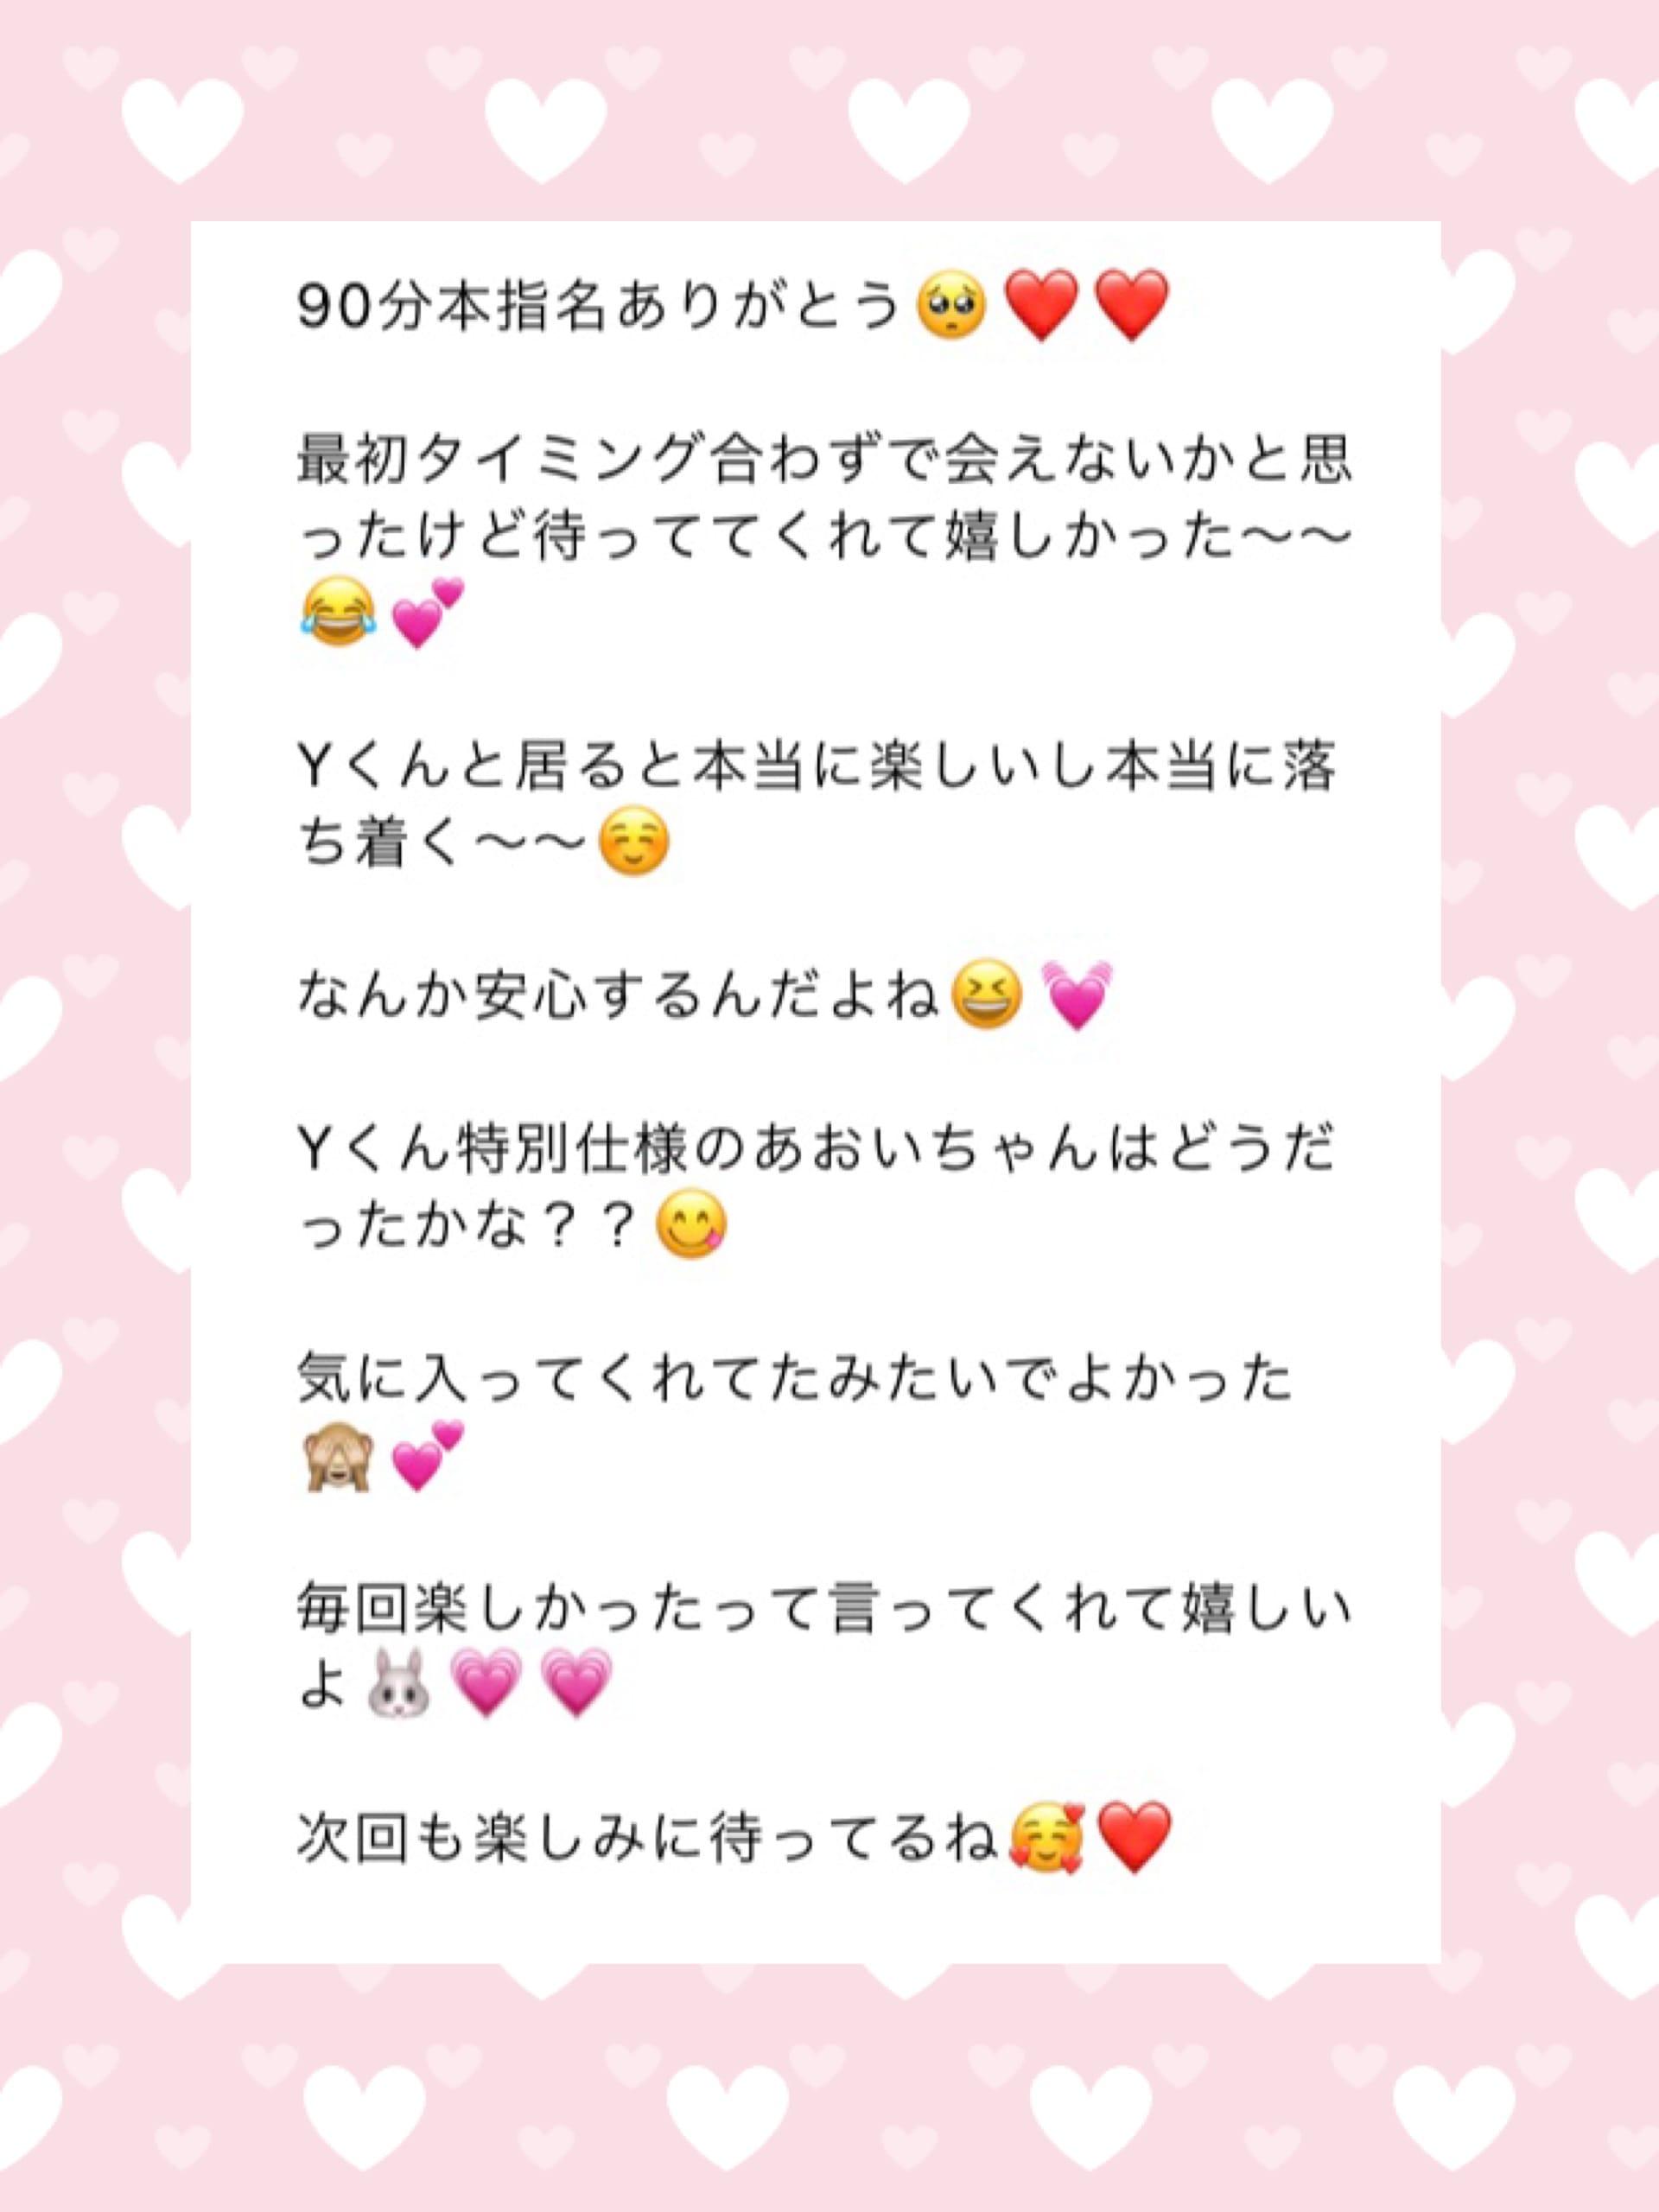 ♡あおい♡「お礼♡Yくん」07/25(日) 23:12 | ♡あおい♡の写メ